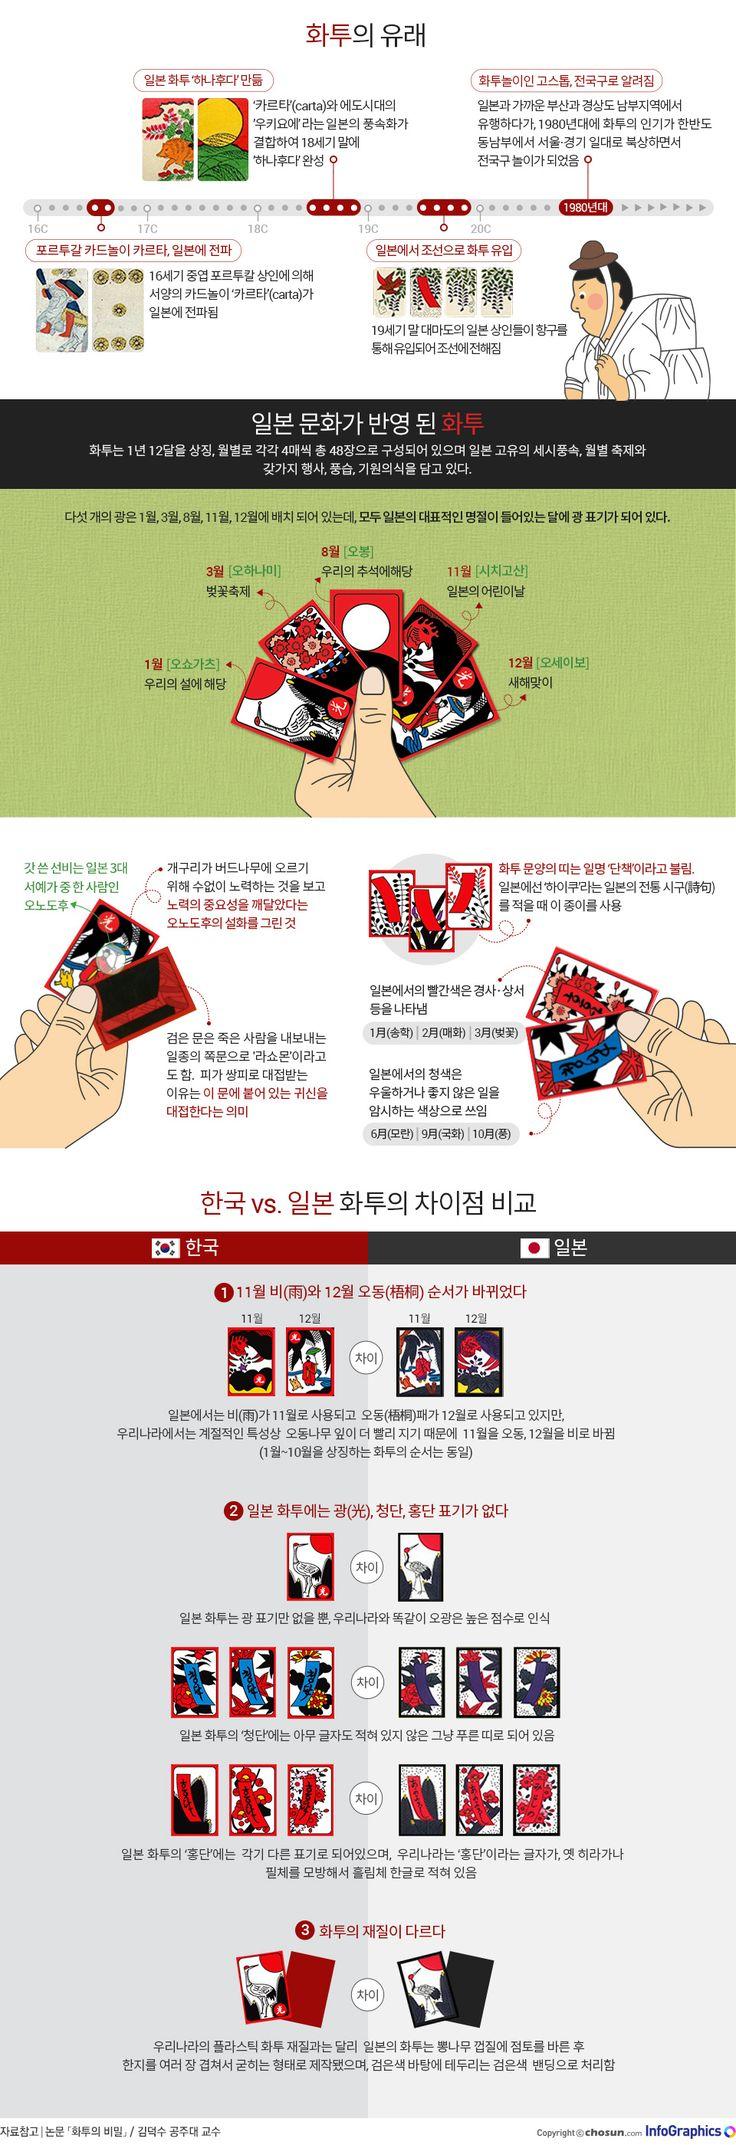 국민놀이 '화투'속에 숨겨진 비밀 - 조선닷컴 인포그래픽스 - 인터랙티브 > 라이프